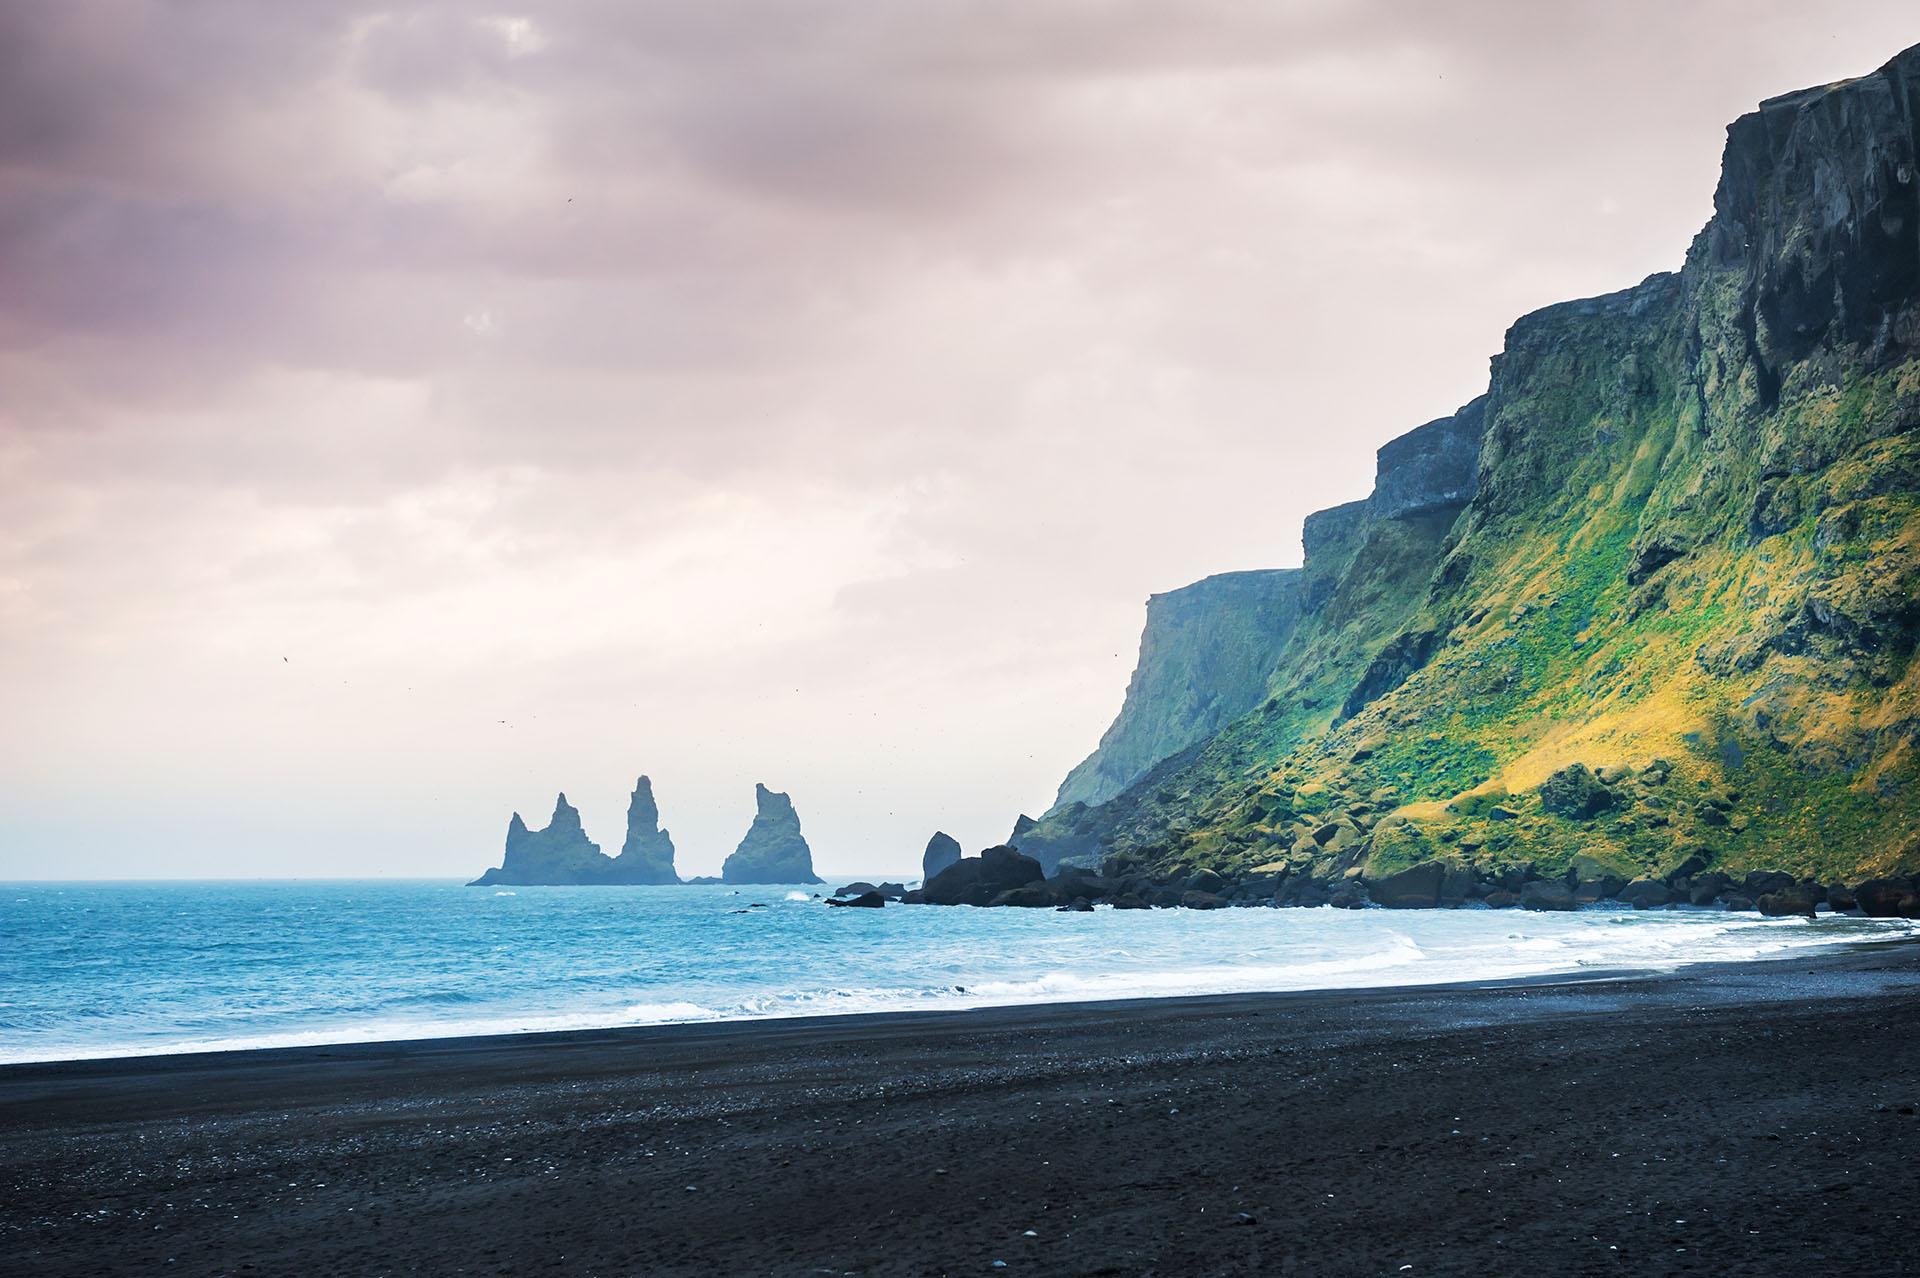 Opuesto a las playas tropicales, esta hermosa playa de arena negra en Islandia es única en el mundo, con enormes pilas de basalto que se levantan del mar y arena negra inusual